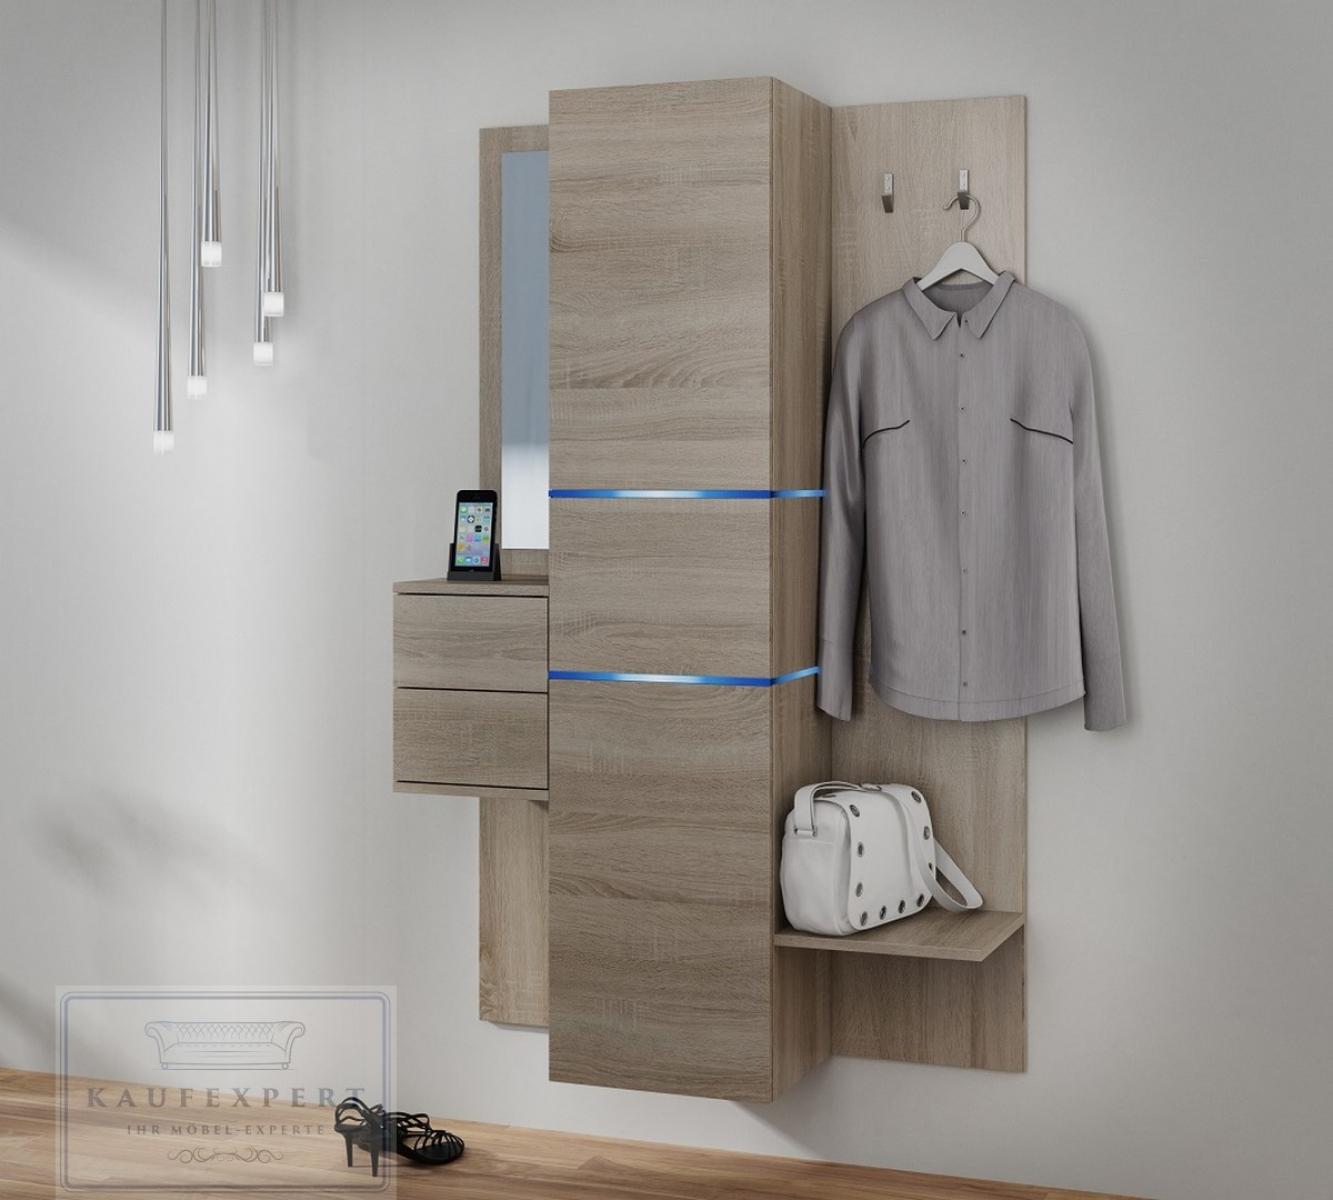 Kaufexpert garderobe camino sonoma tabac mit spiegel led for Garderoben set mit spiegel